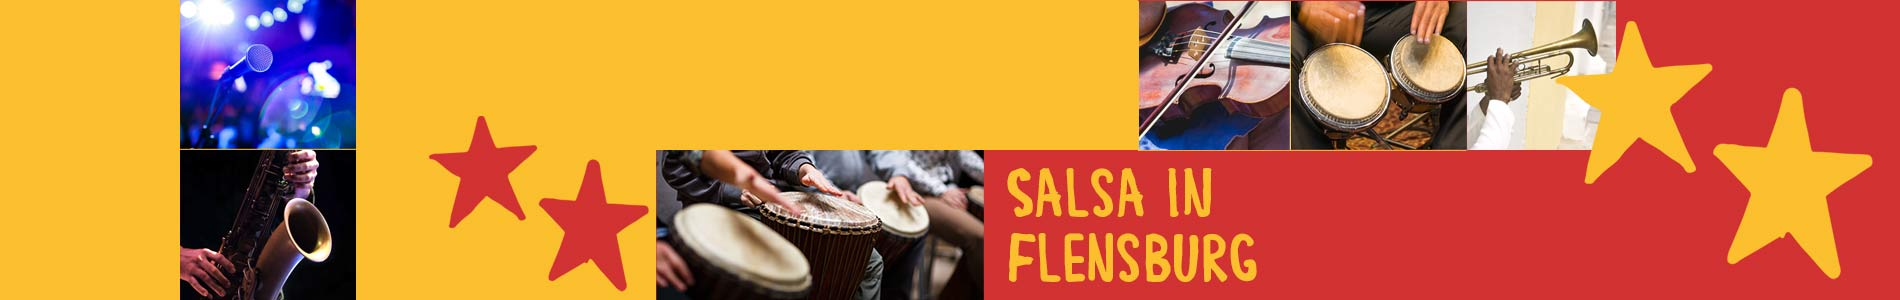 Salsa in Flensburg – Salsa lernen und tanzen, Tanzkurse, Partys, Veranstaltungen